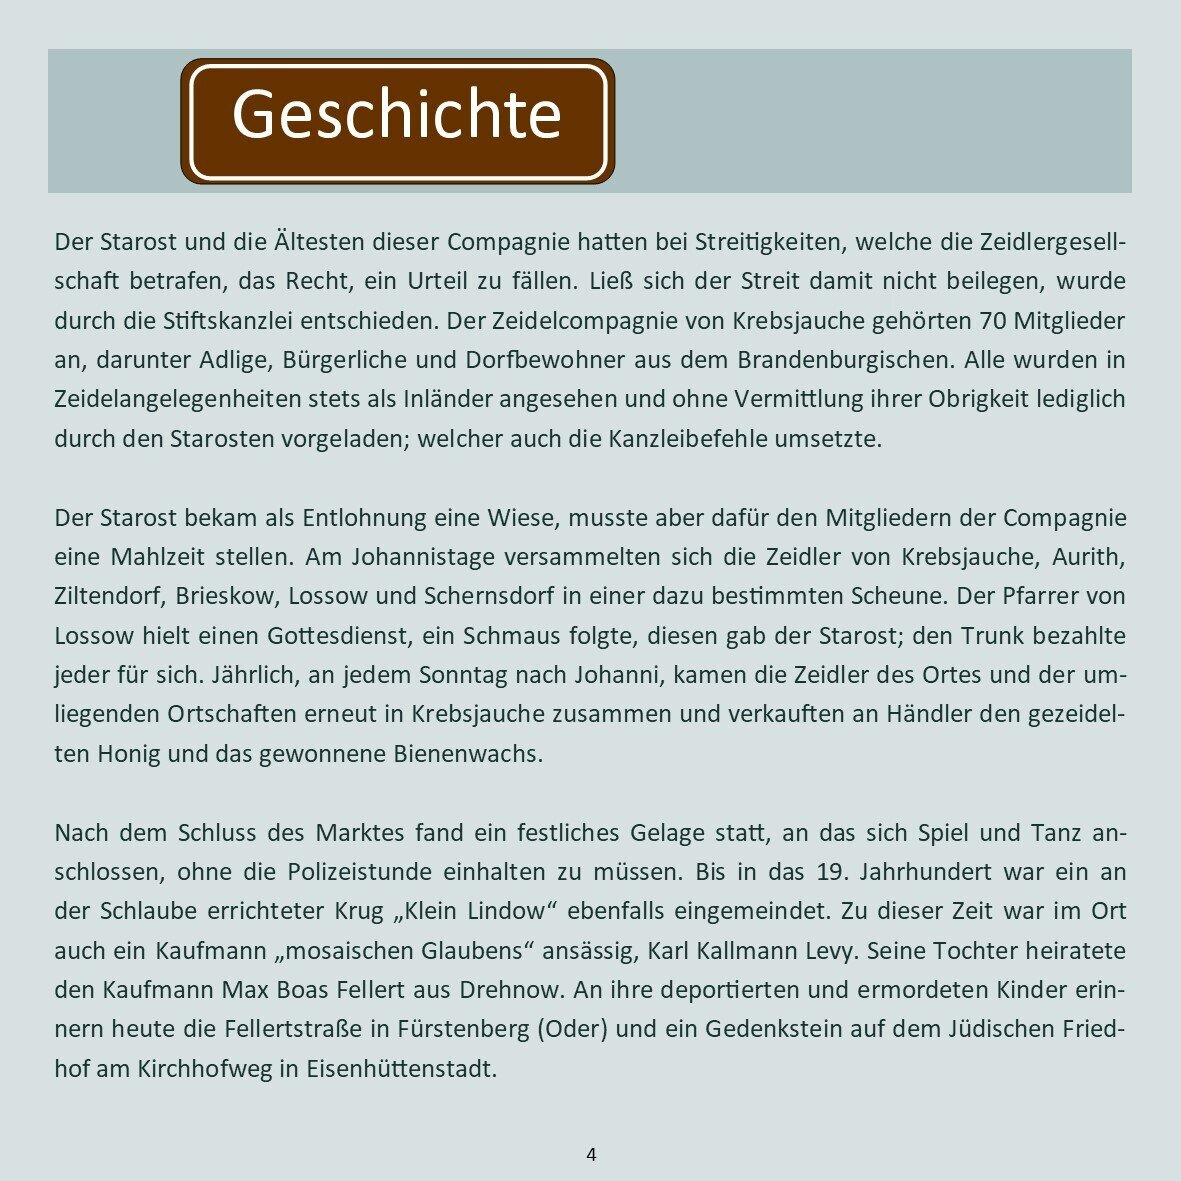 Wiesenau_Freizeitgestaltung4